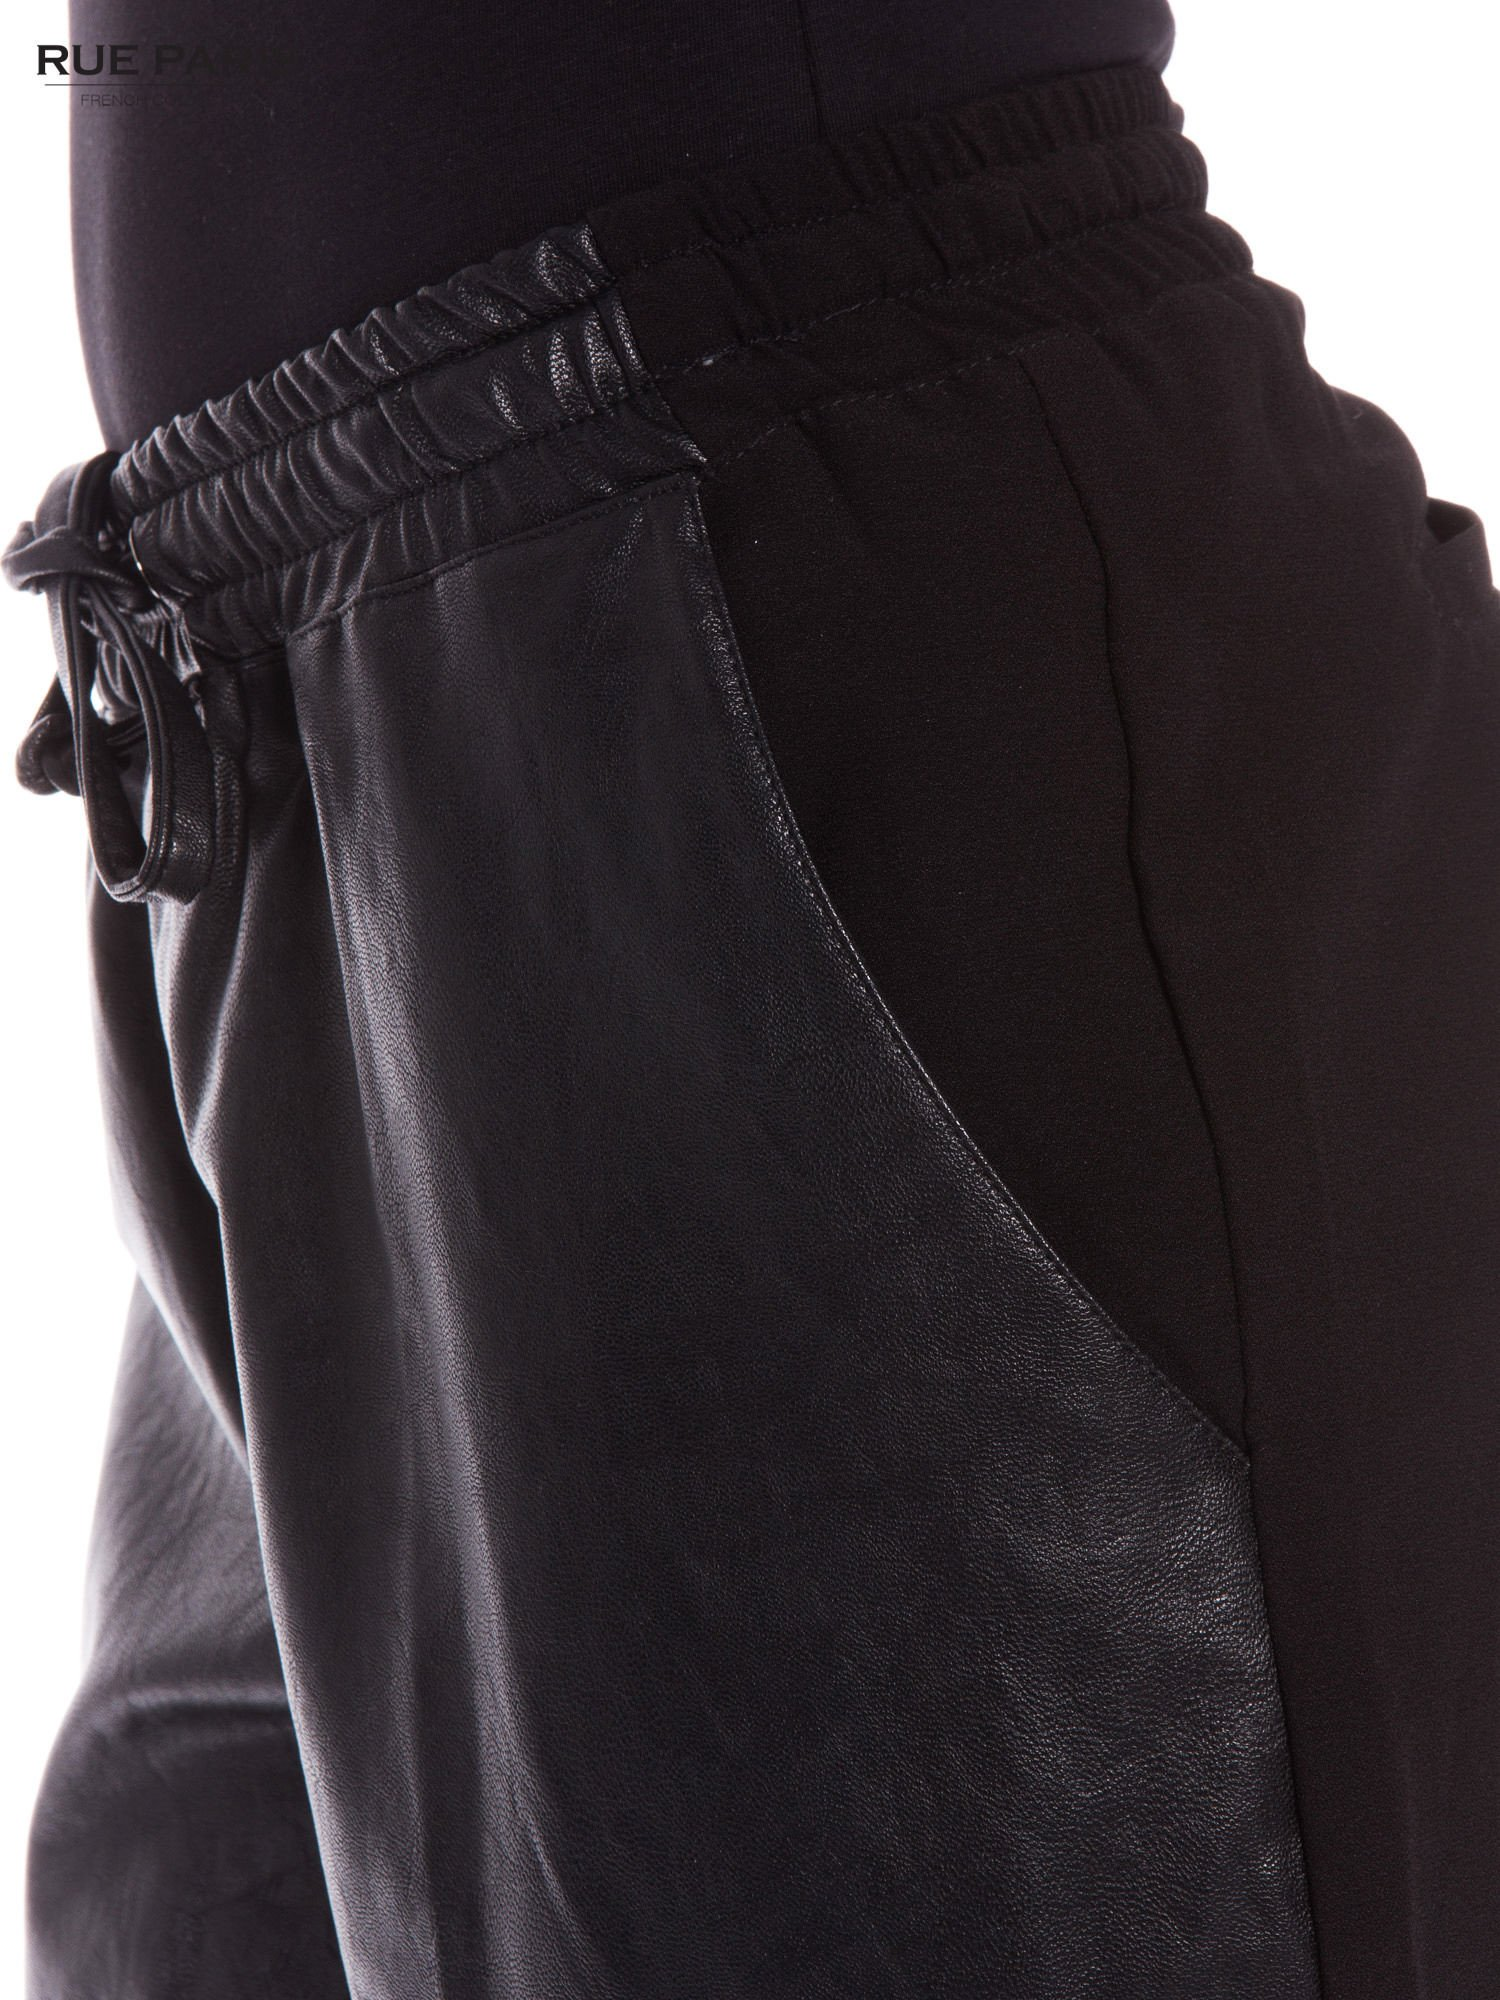 Czarne spodnie dresowe damskie ze skórzanym przodem                                  zdj.                                  4